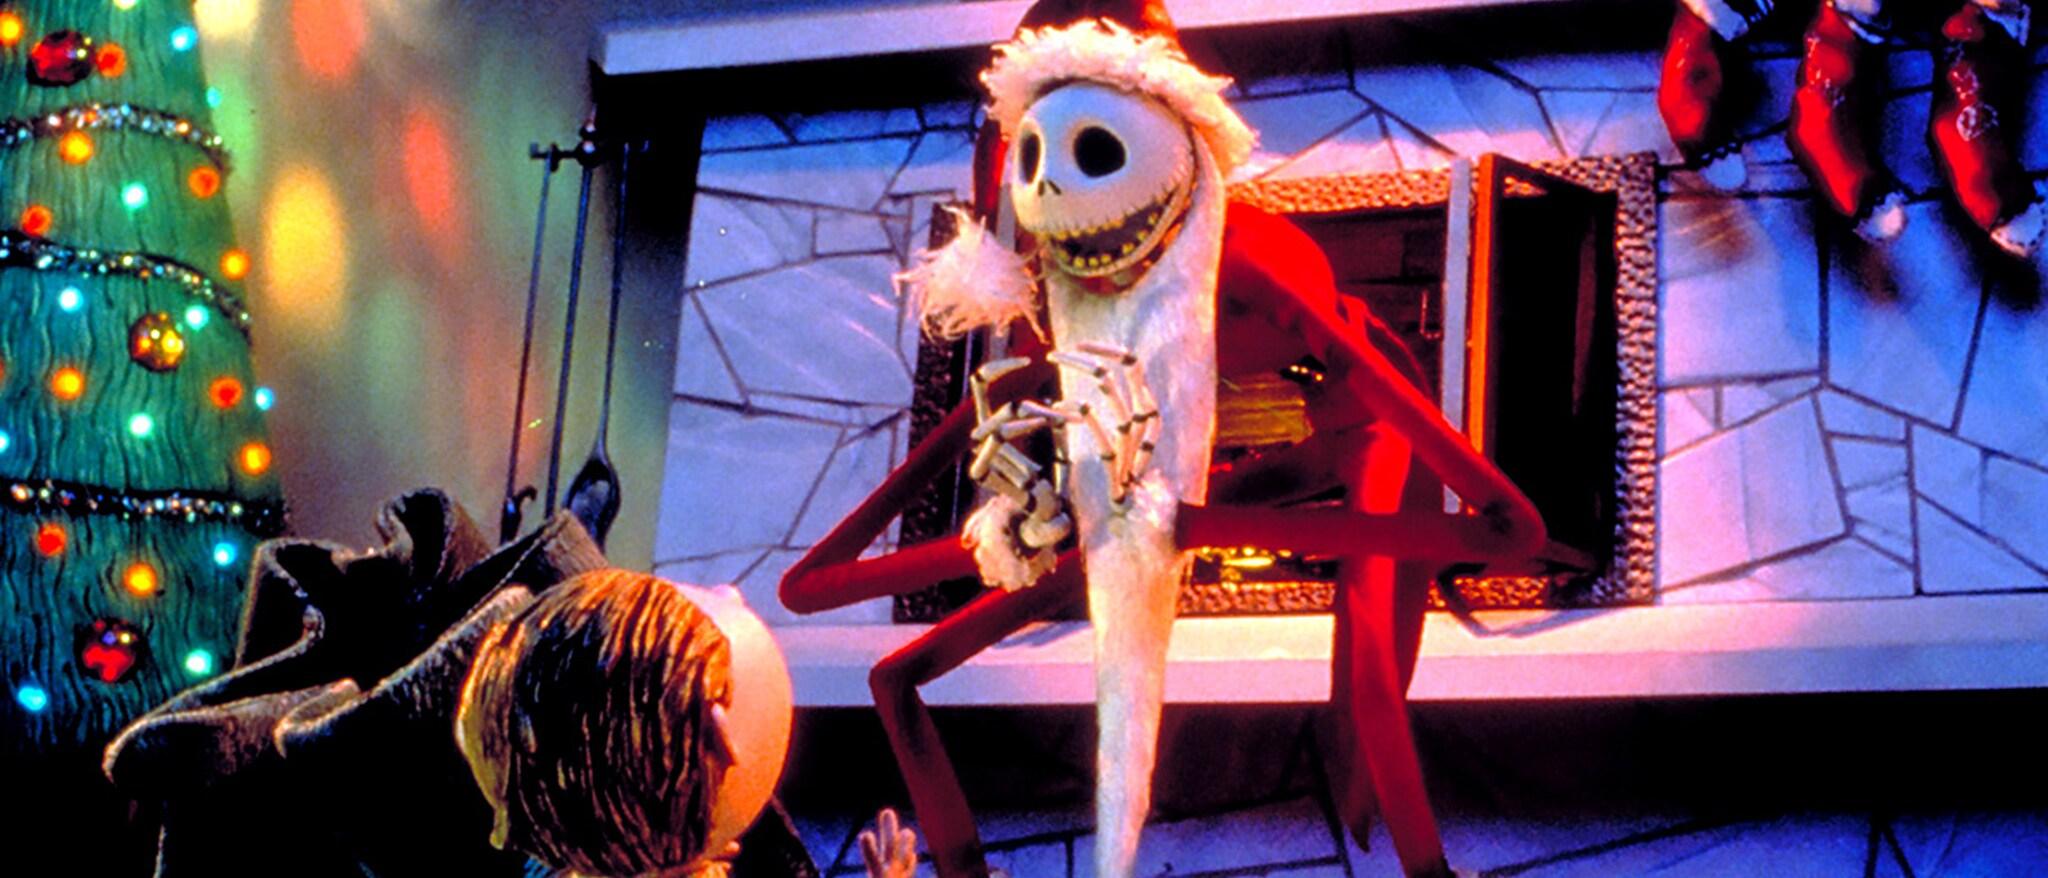 The Nightmare Before Christmas Hero